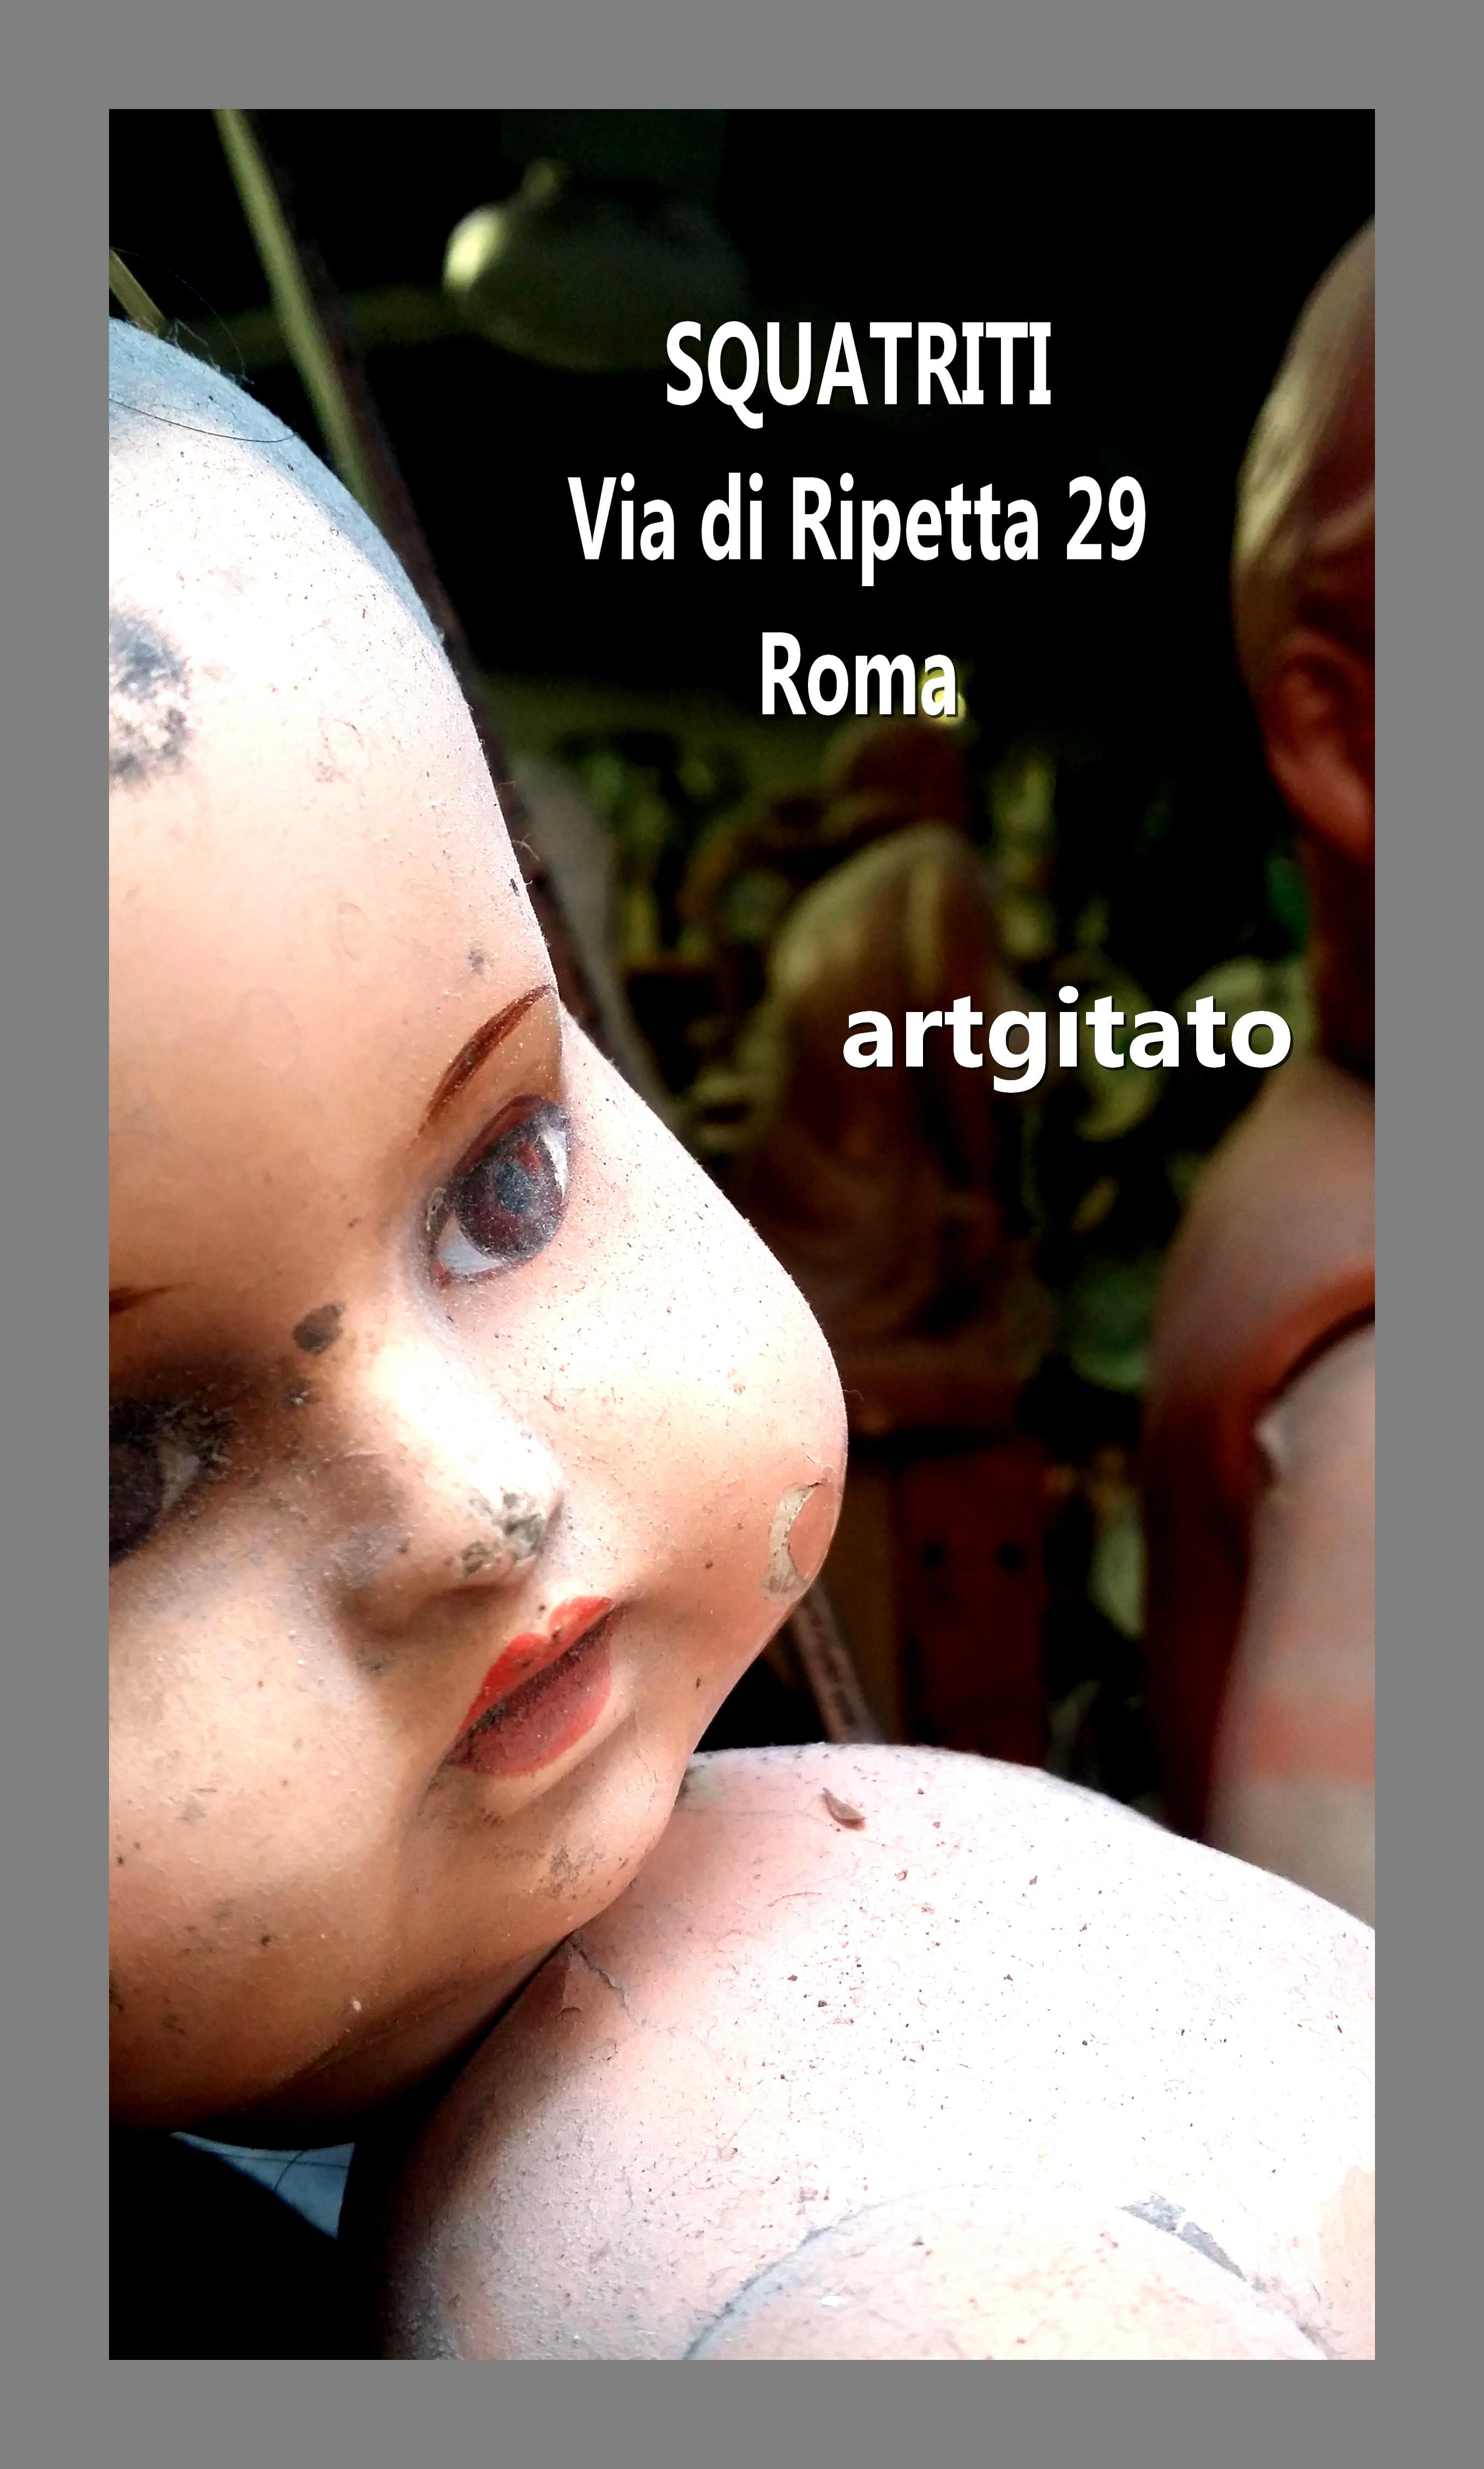 Via di Ripetta Squatriti Restaurateur de Poupée artgitato 8